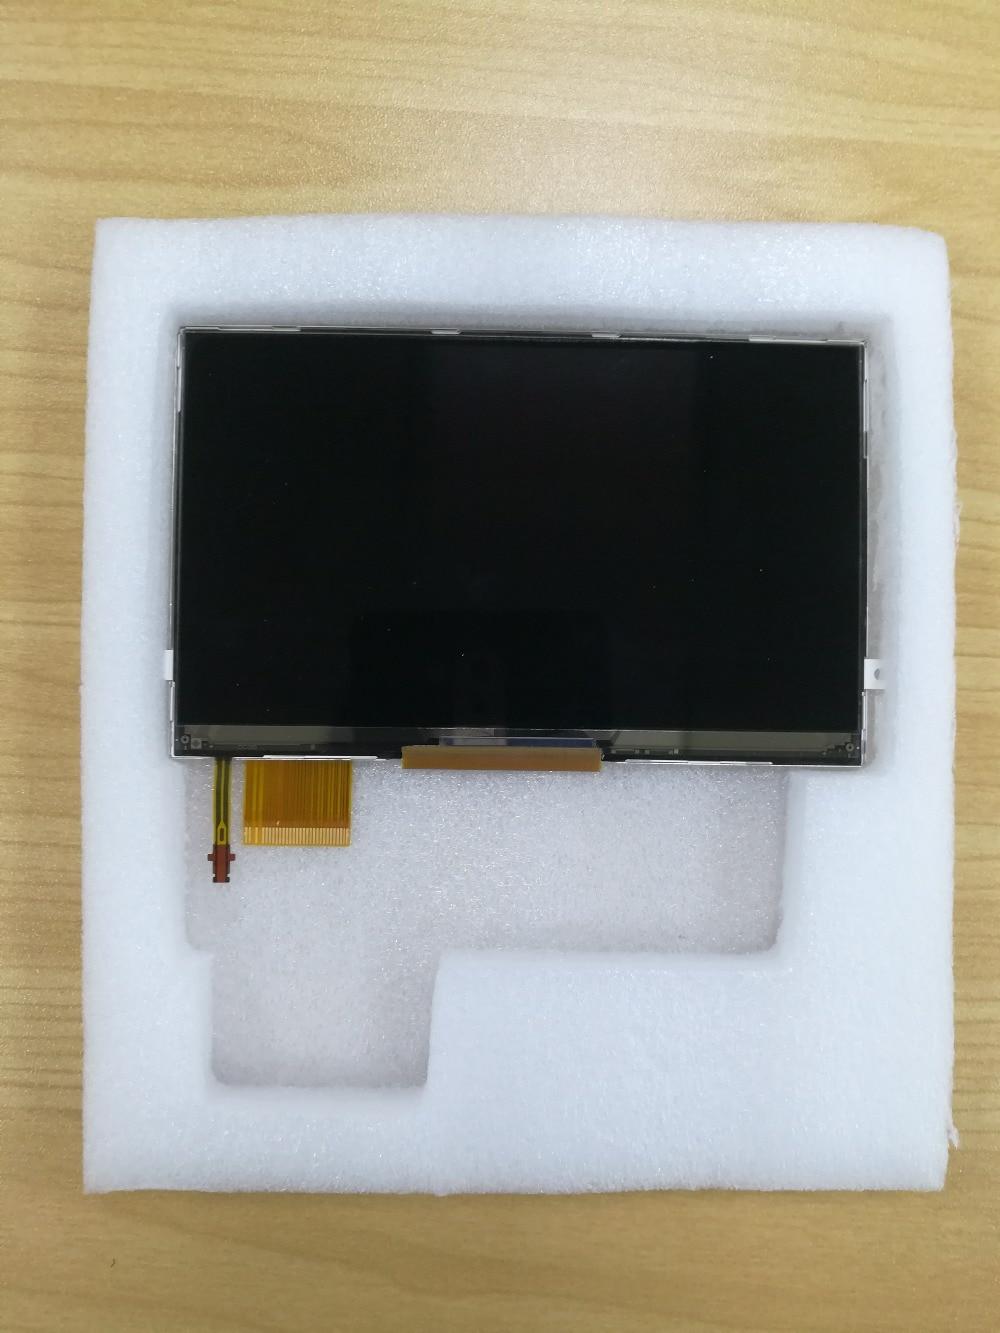 OEM ЖК-экран для PSP 3000 3001 3004 3006 3008 консоль ЖК-дисплей с подсветкой запасные части для ремонта